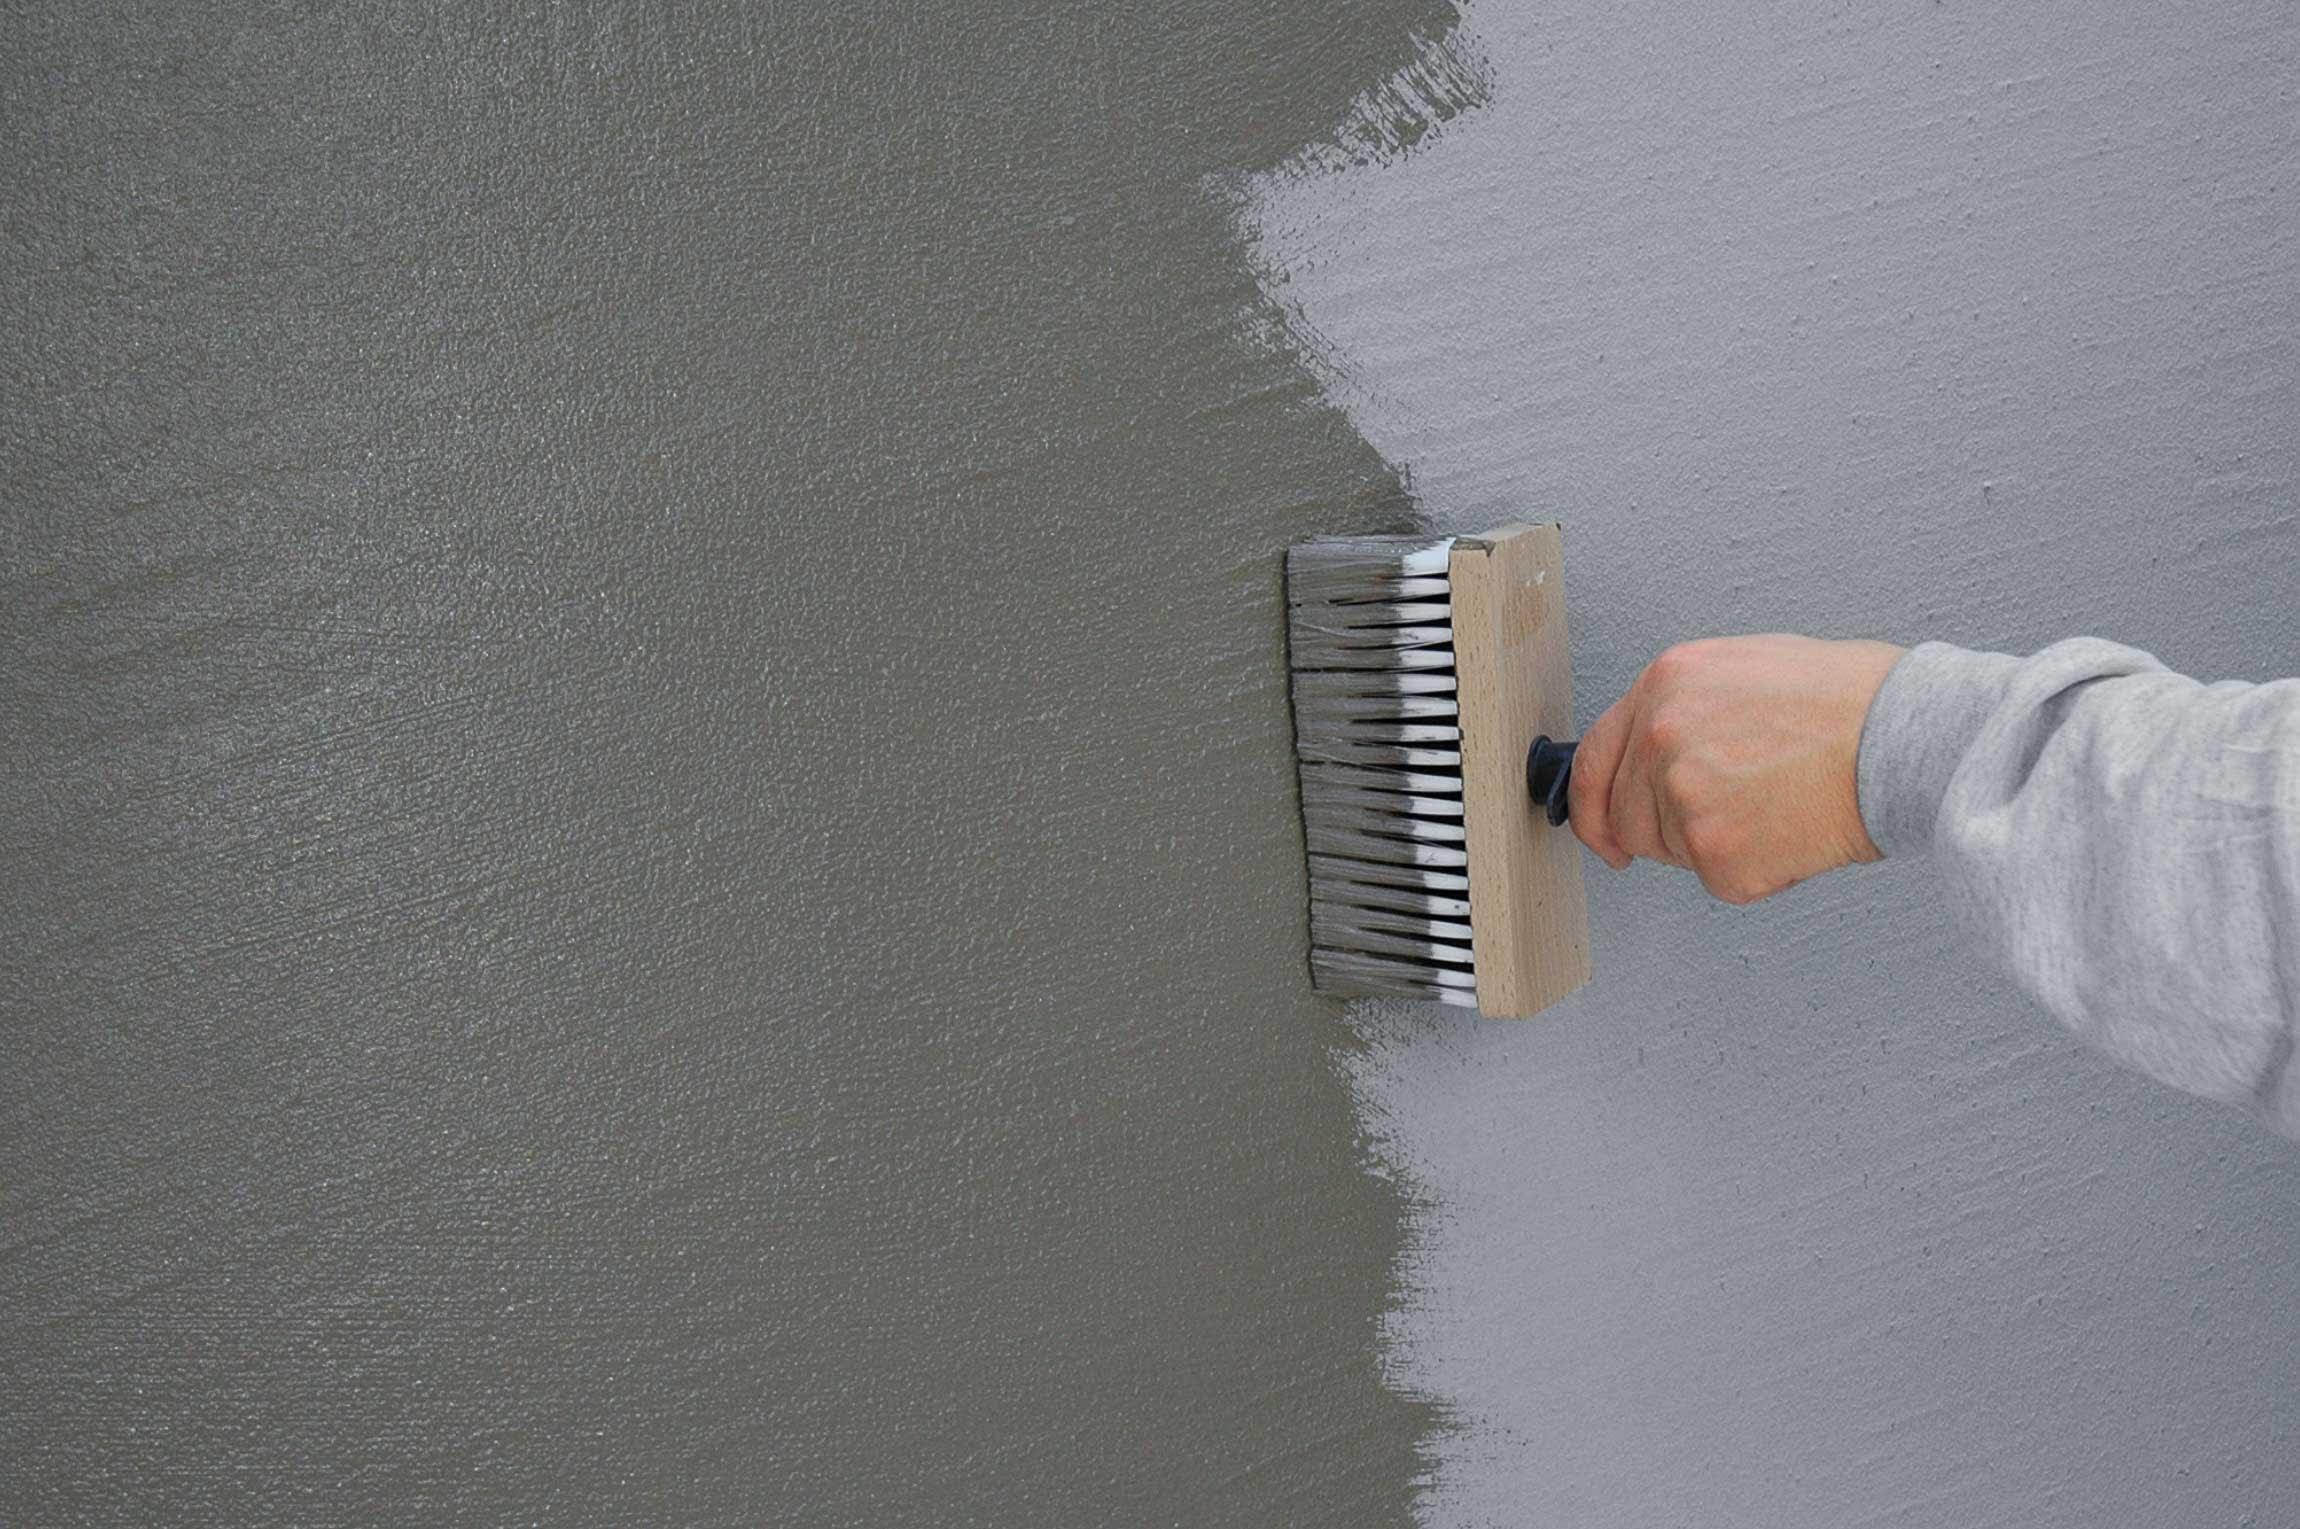 impermeabilizante, impermeabilização, Viaplus 1000, Viapol, parede interna, parede externa, proteção